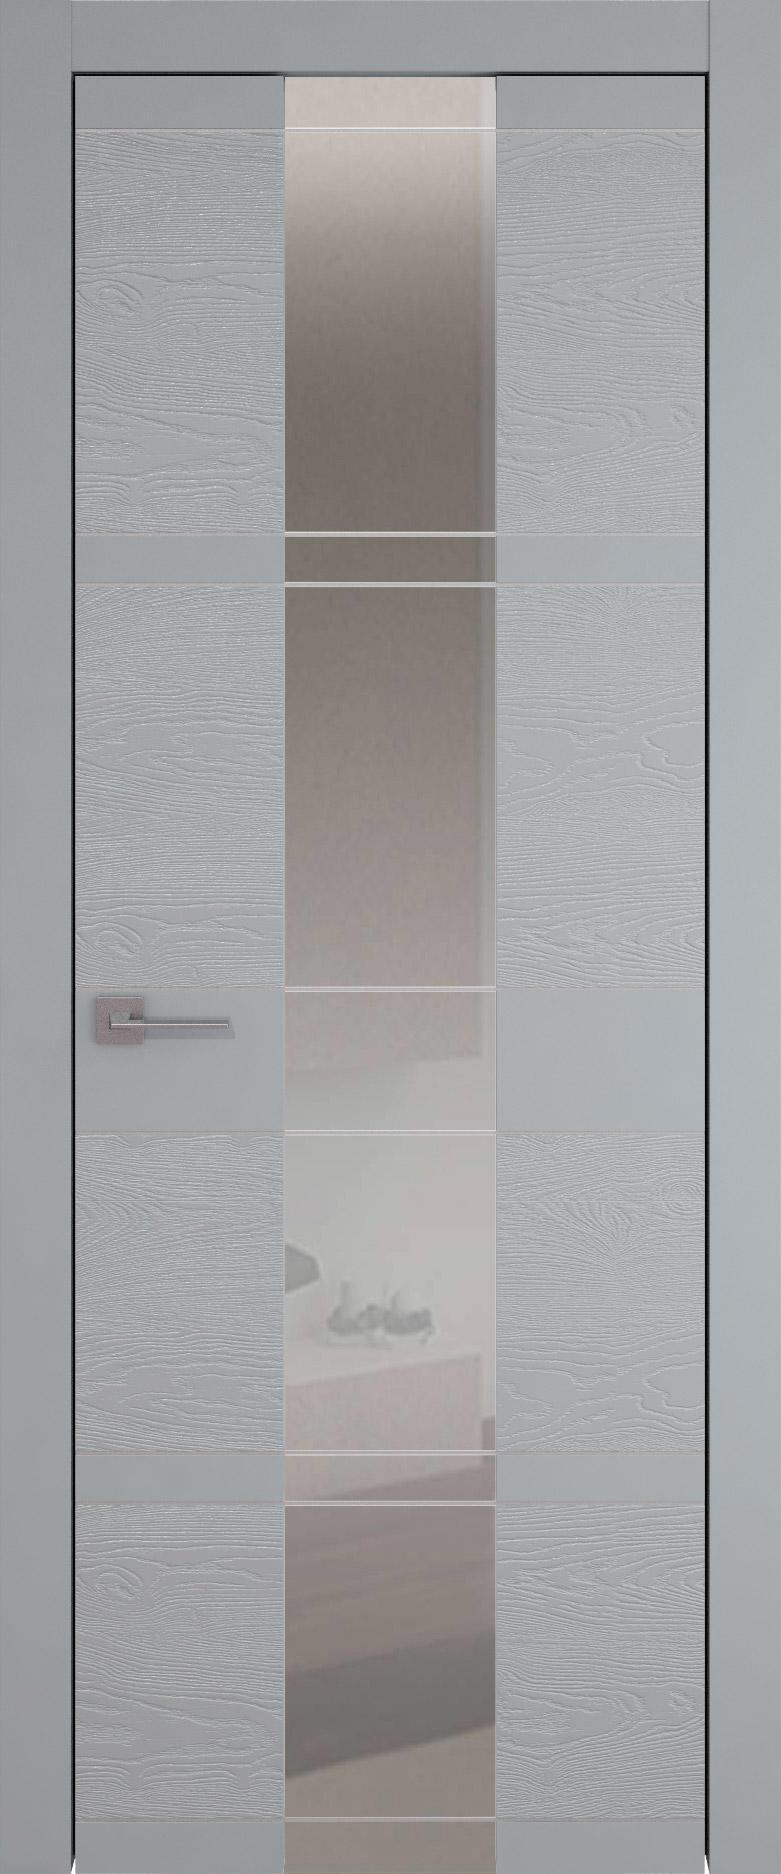 Tivoli Ж-2 цвет - Серебристо-серая эмаль-эмаль по шпону (RAL 7045) Со стеклом (ДО)